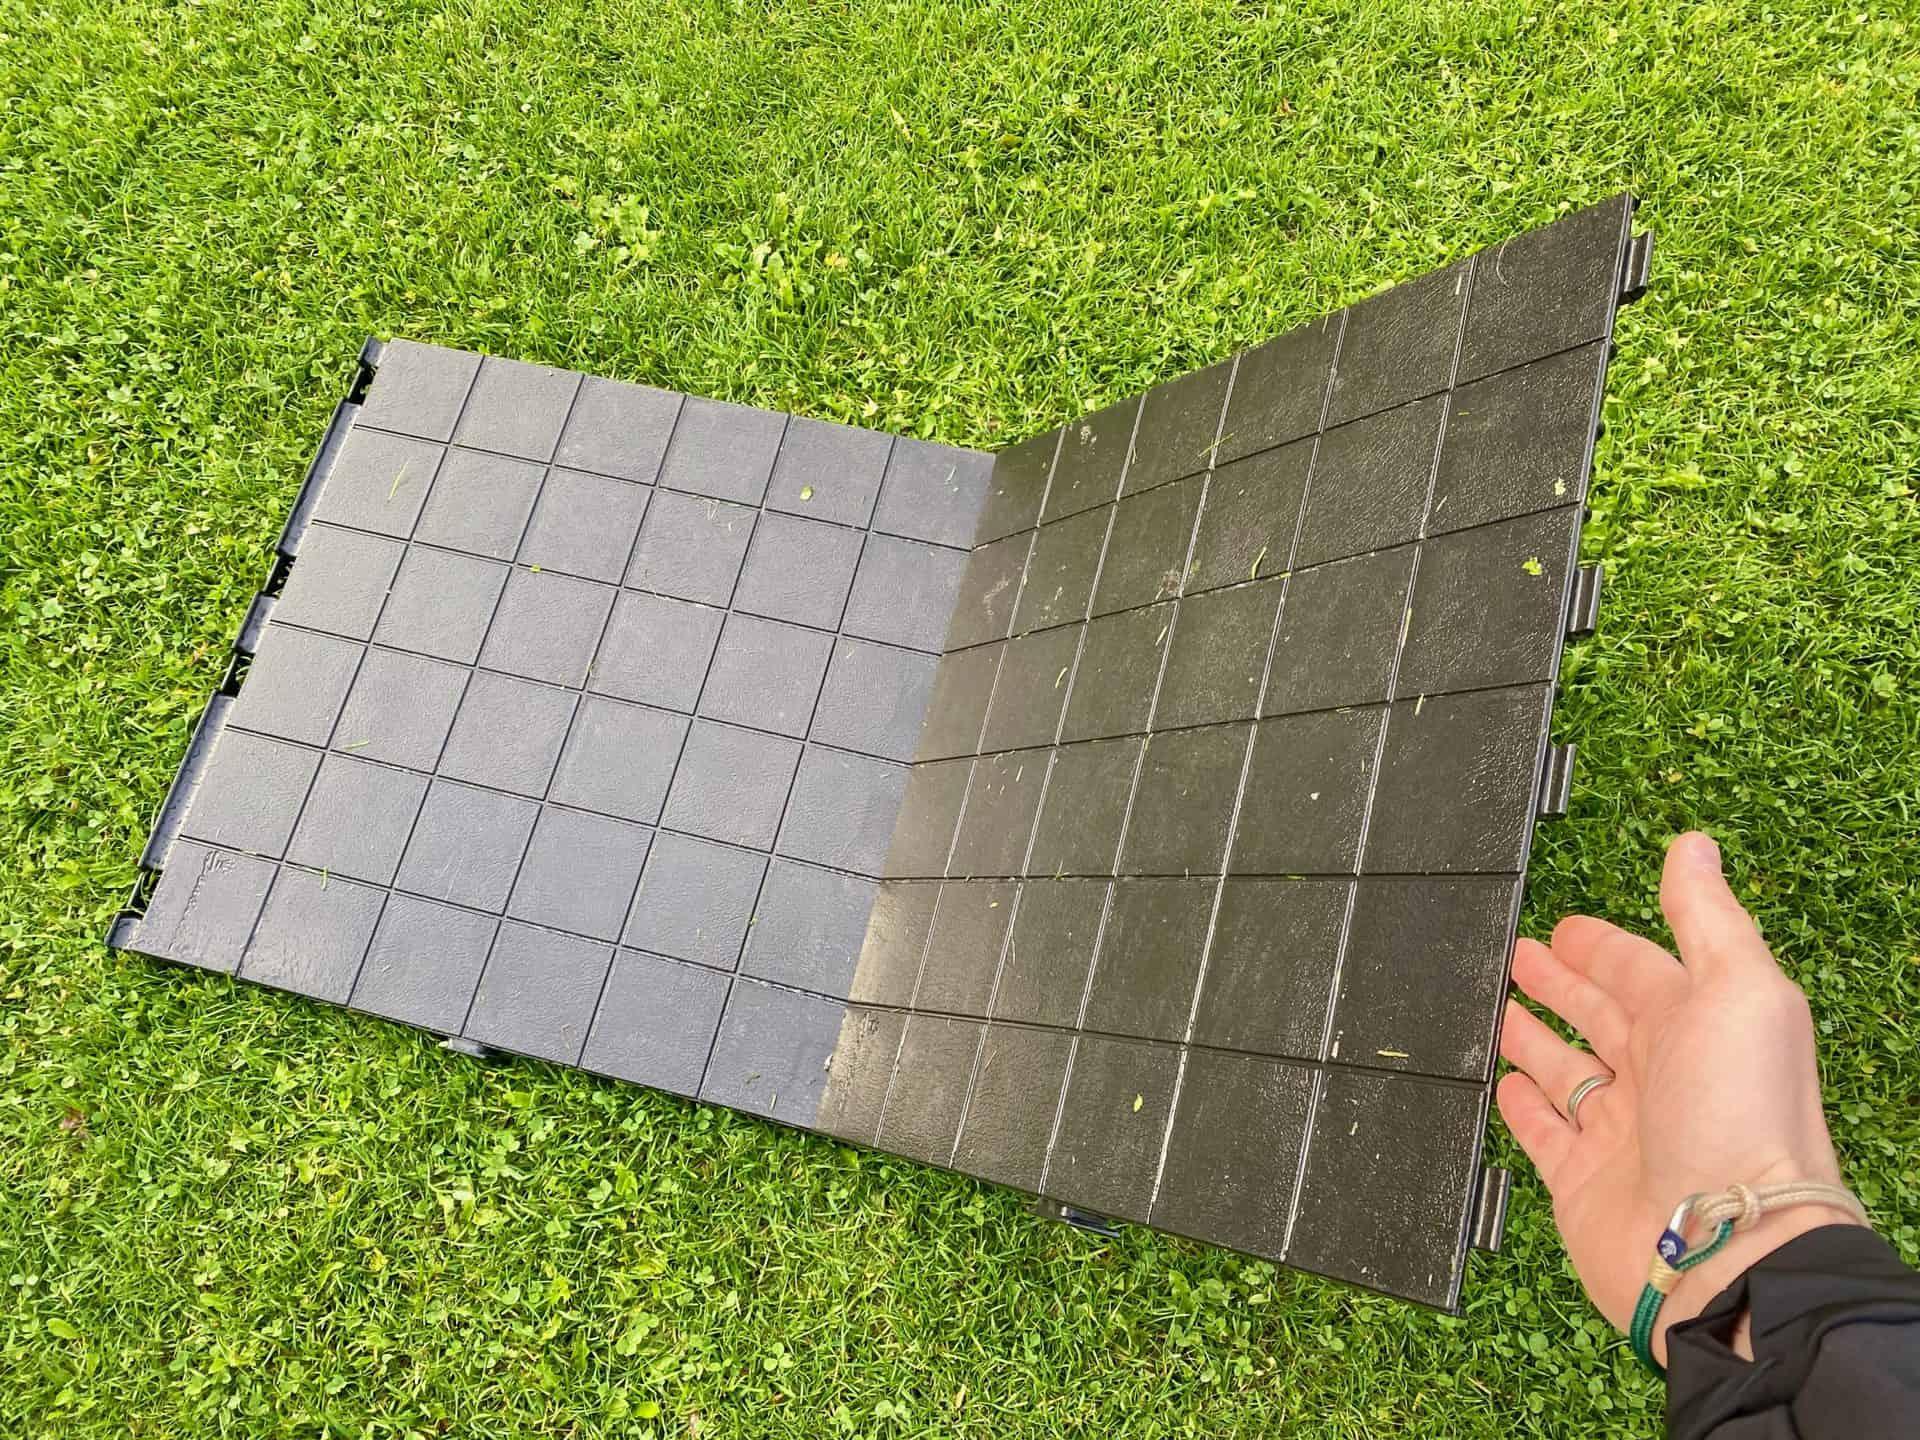 Isabella-Wohnmobil-und-Vorzelt-gesteckt-Bodenfliese-Bodenplatte-statt-Matchteppich